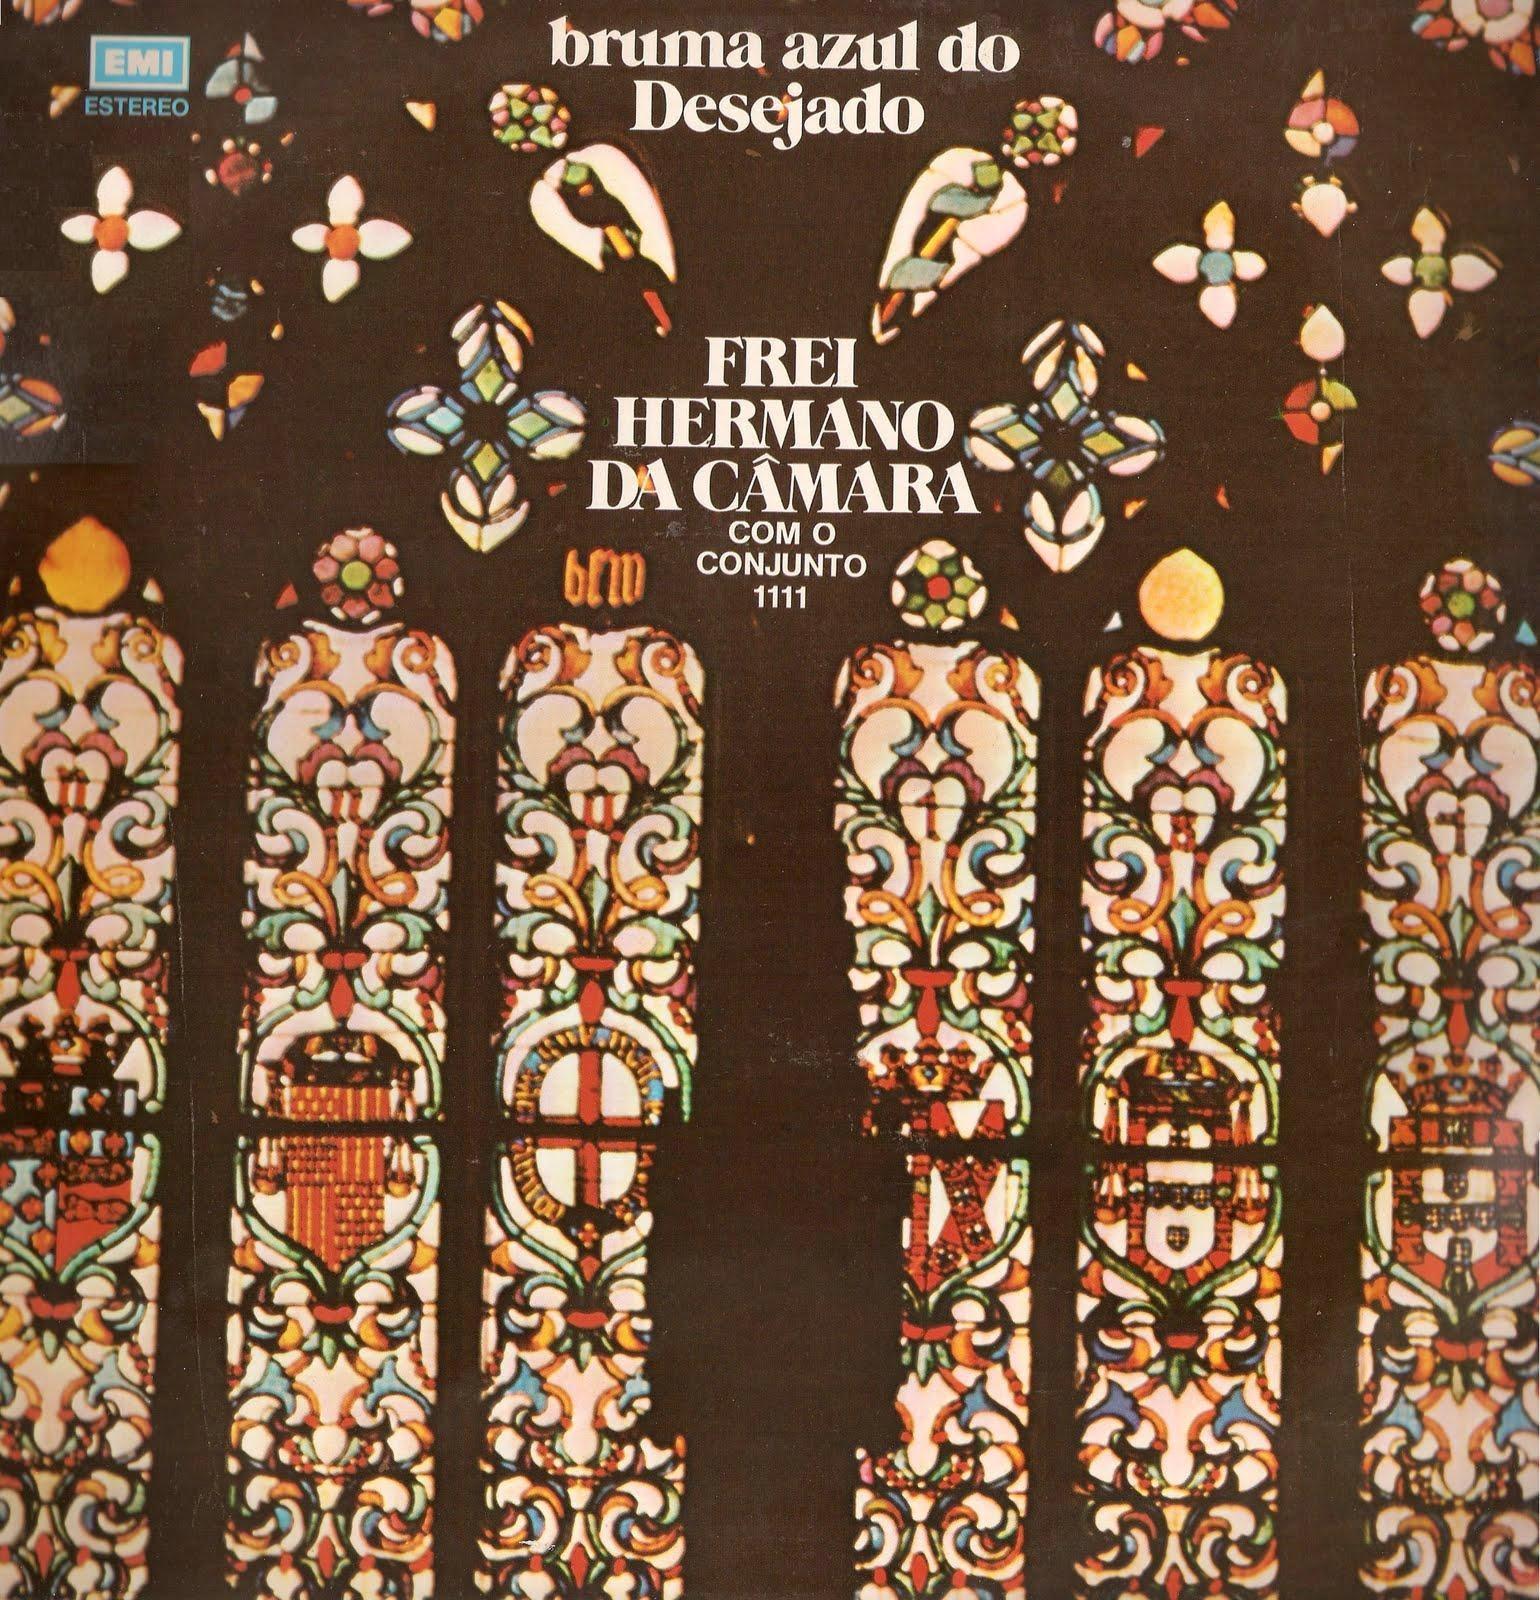 Frei Hermano da Câmara Com o Quarteto 1111 - Bruma Azul do Desejado (LP 1973) Front